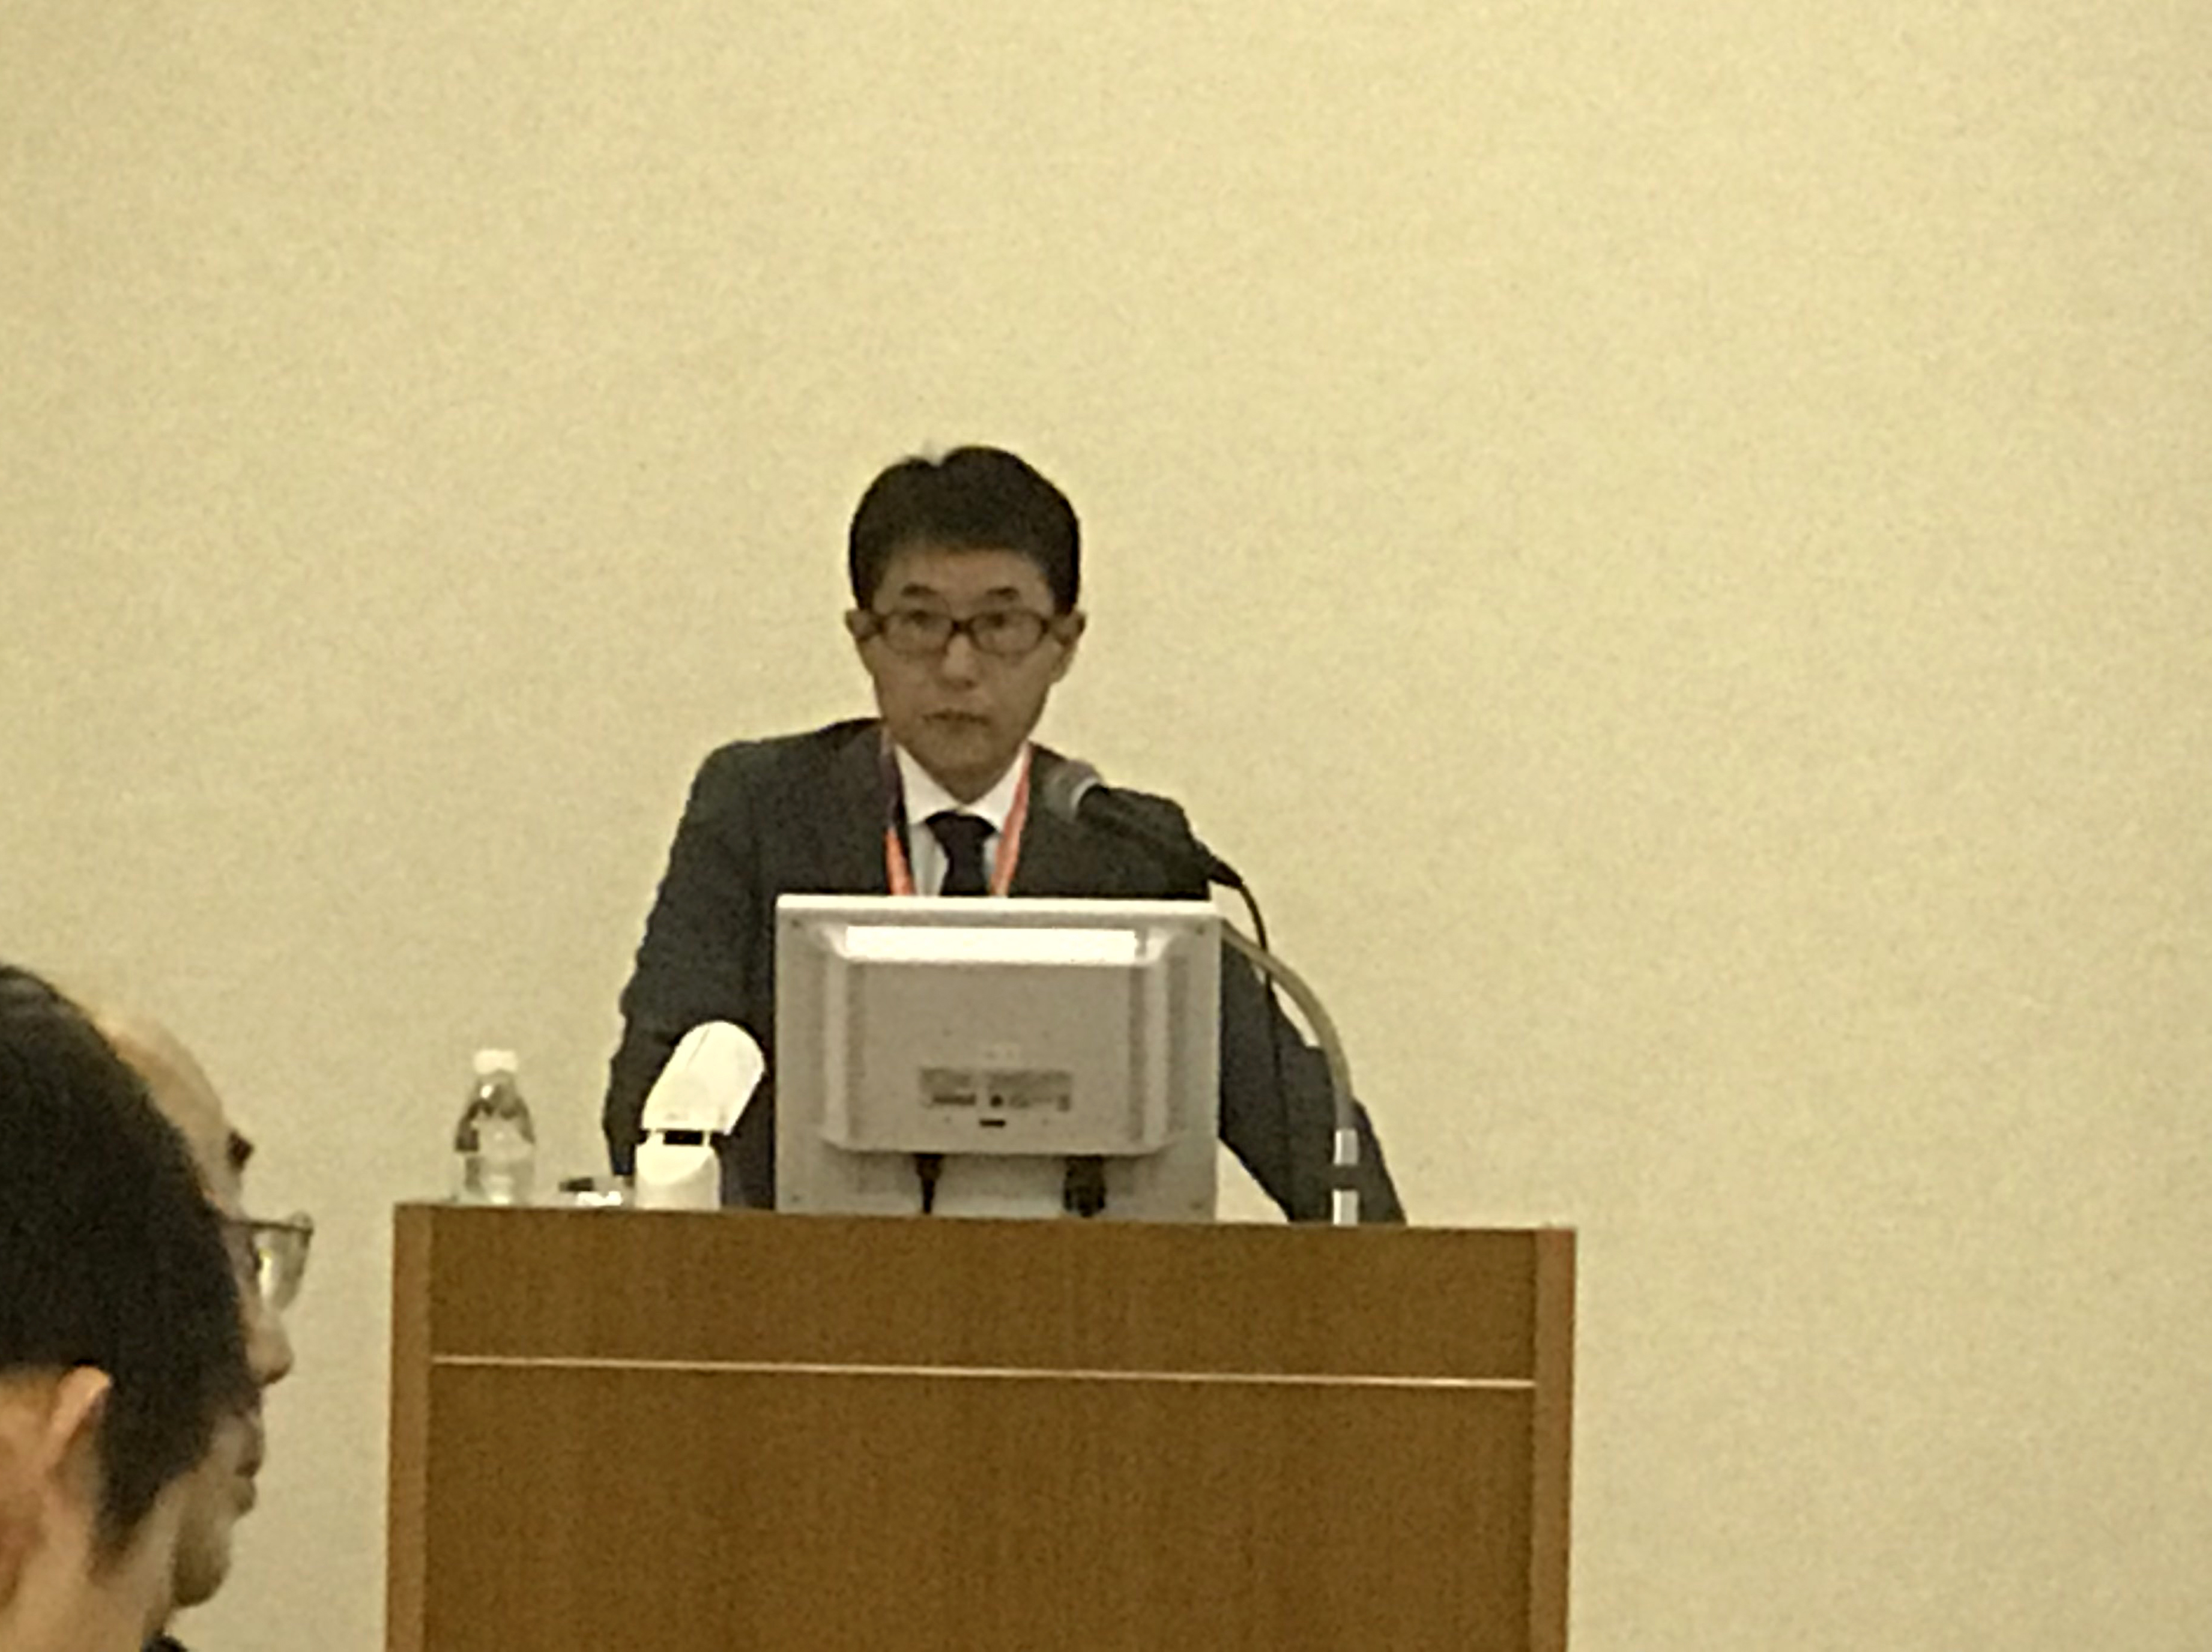 ランチョンセミナー4で講演する伊藤充医師